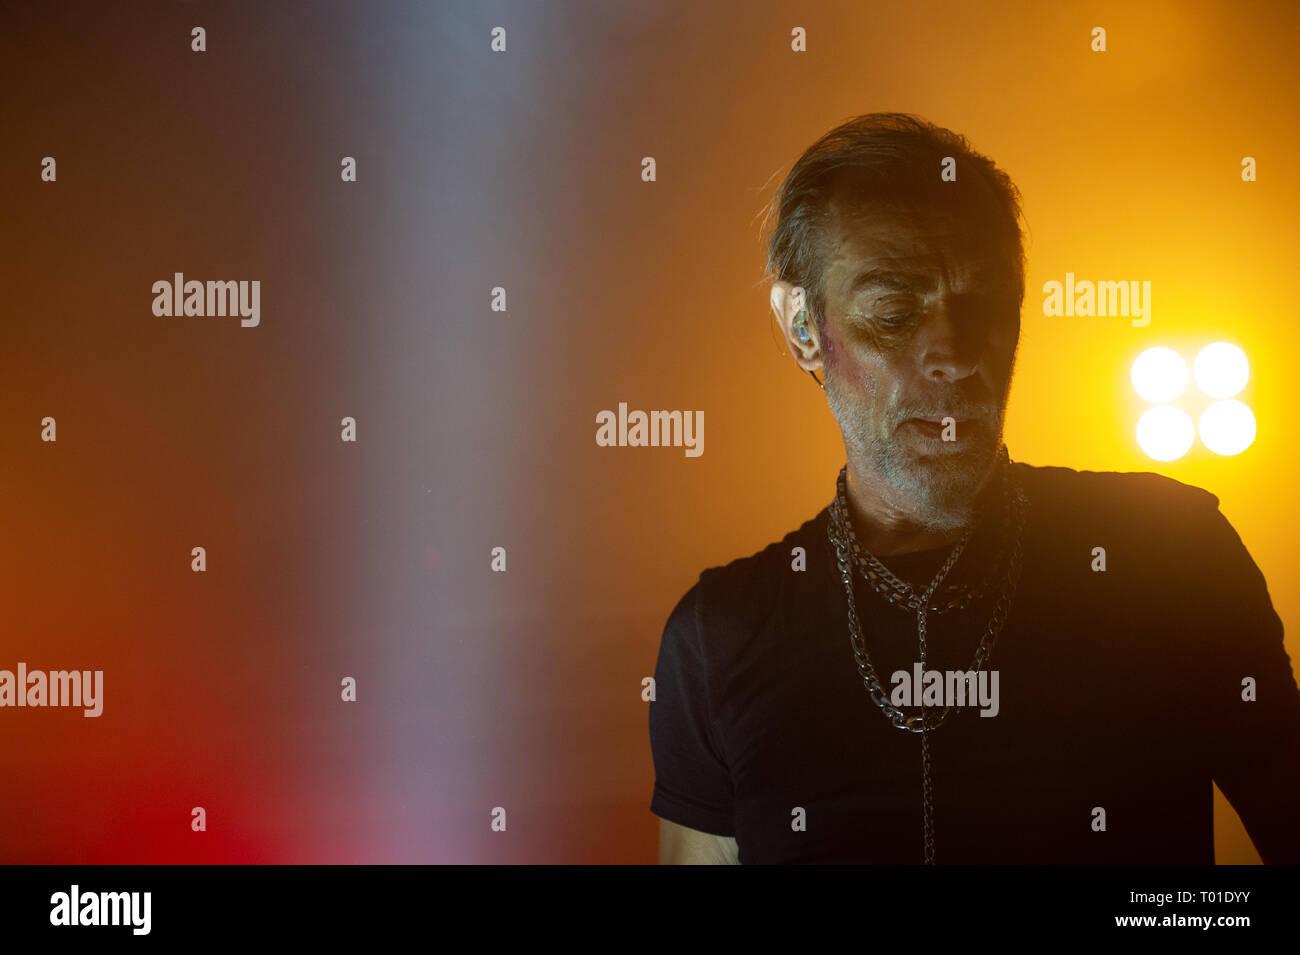 Peter Murphy, cantante y líder de los 80's en inglés banda de rock oscuro Bauhaus. en concierto en el Club Orion, Ciampino, Roma, Italia, 21-11-2018, Imagen De Stock